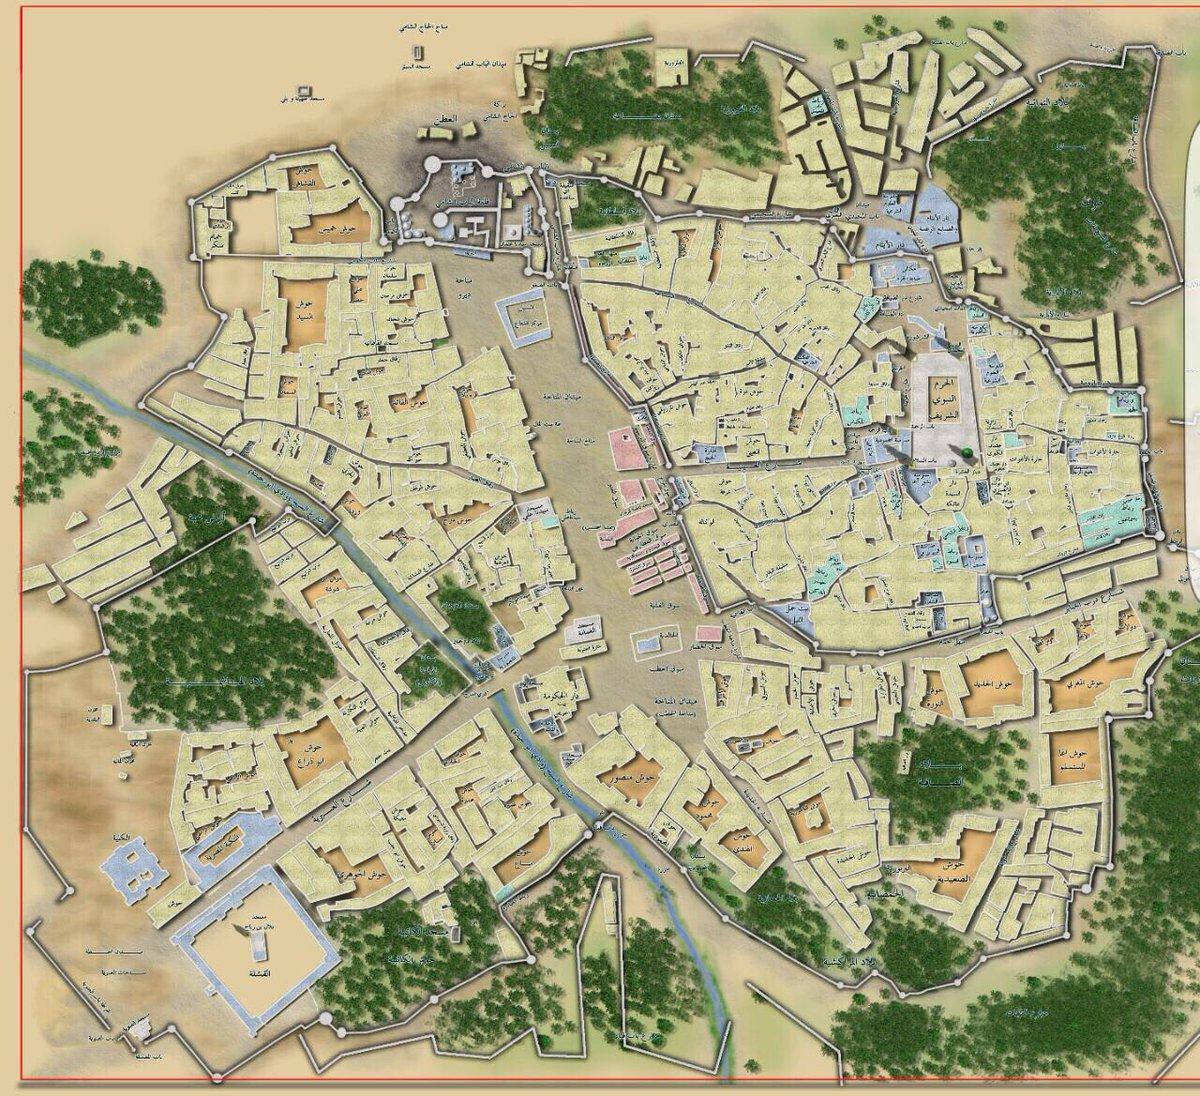 هكذا كانت تبدو المدينة المنورة قبل 100 عام صحيفة المواطن الإلكترونية